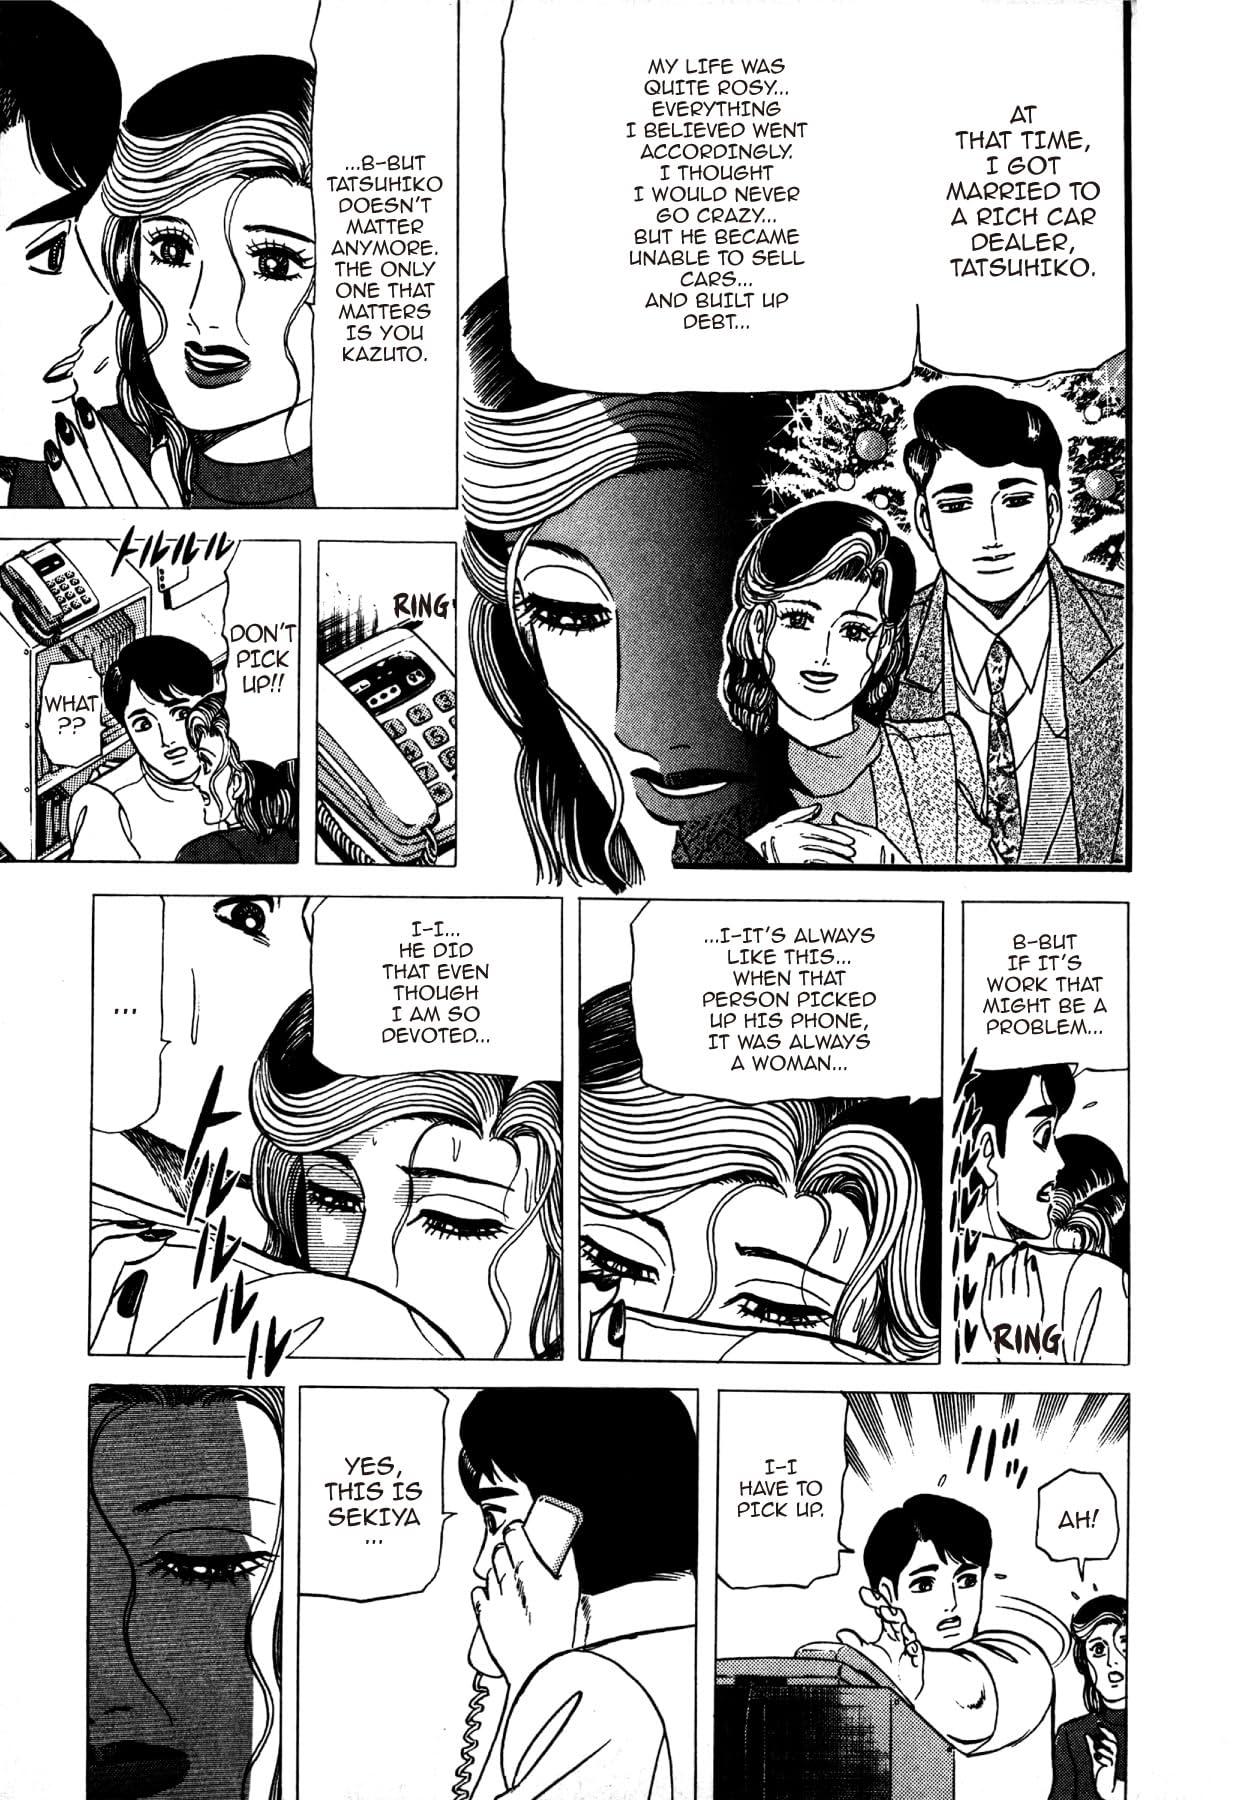 THE SPLENDID DAYS OF QUEEN RURIKO #27